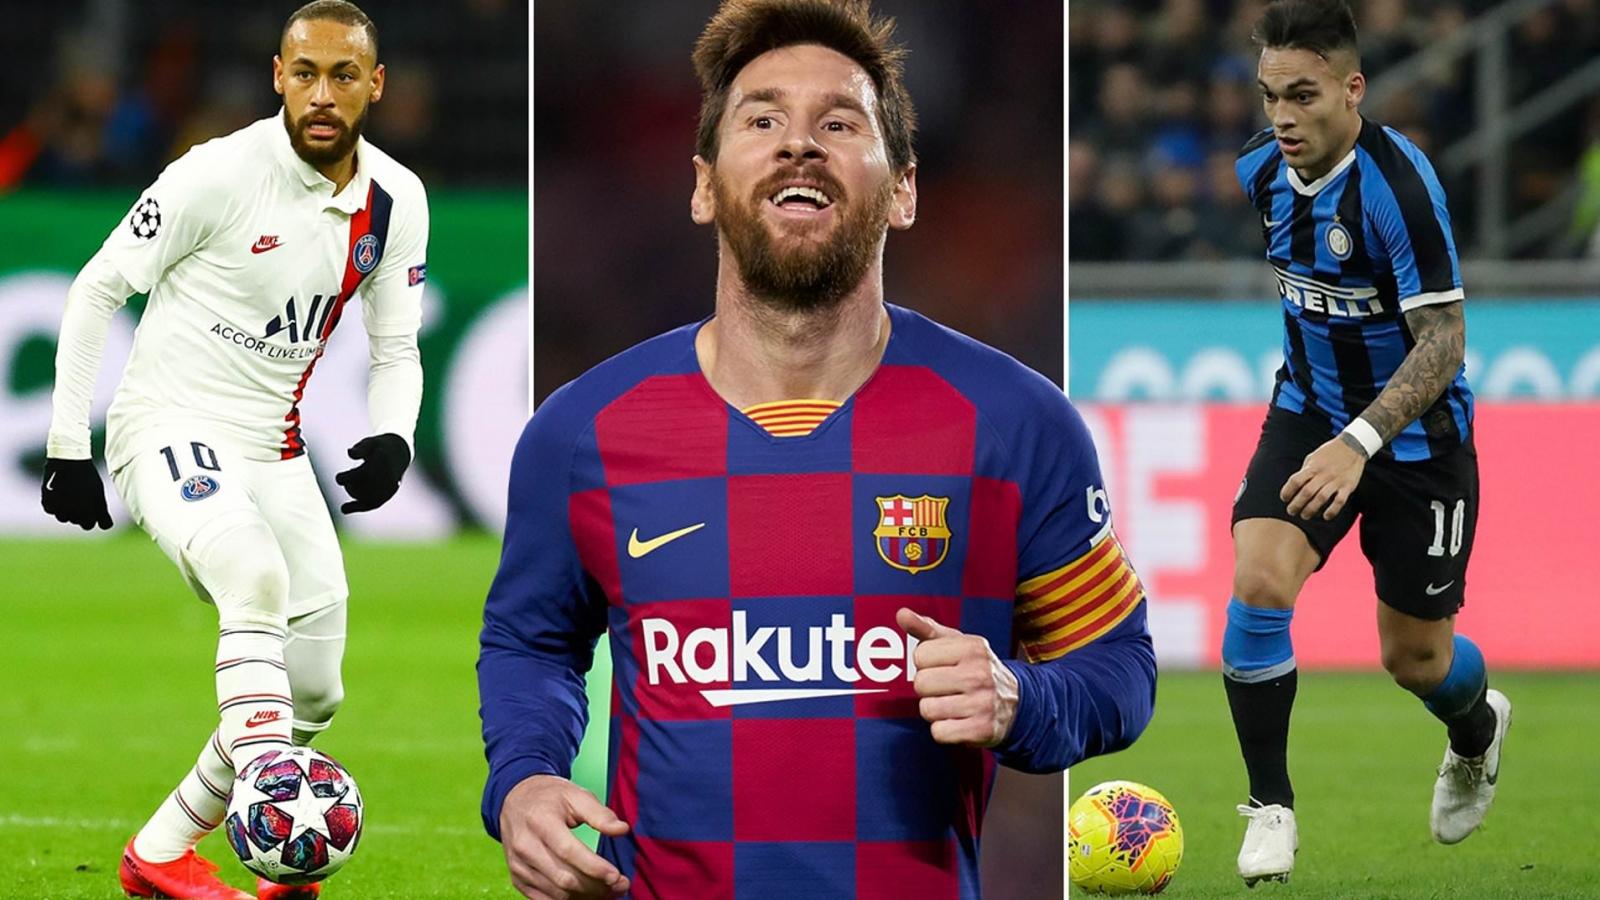 Đội hình 11 ngôi sao Nam Mỹ hay nhất thế giới thời điểm hiện tại